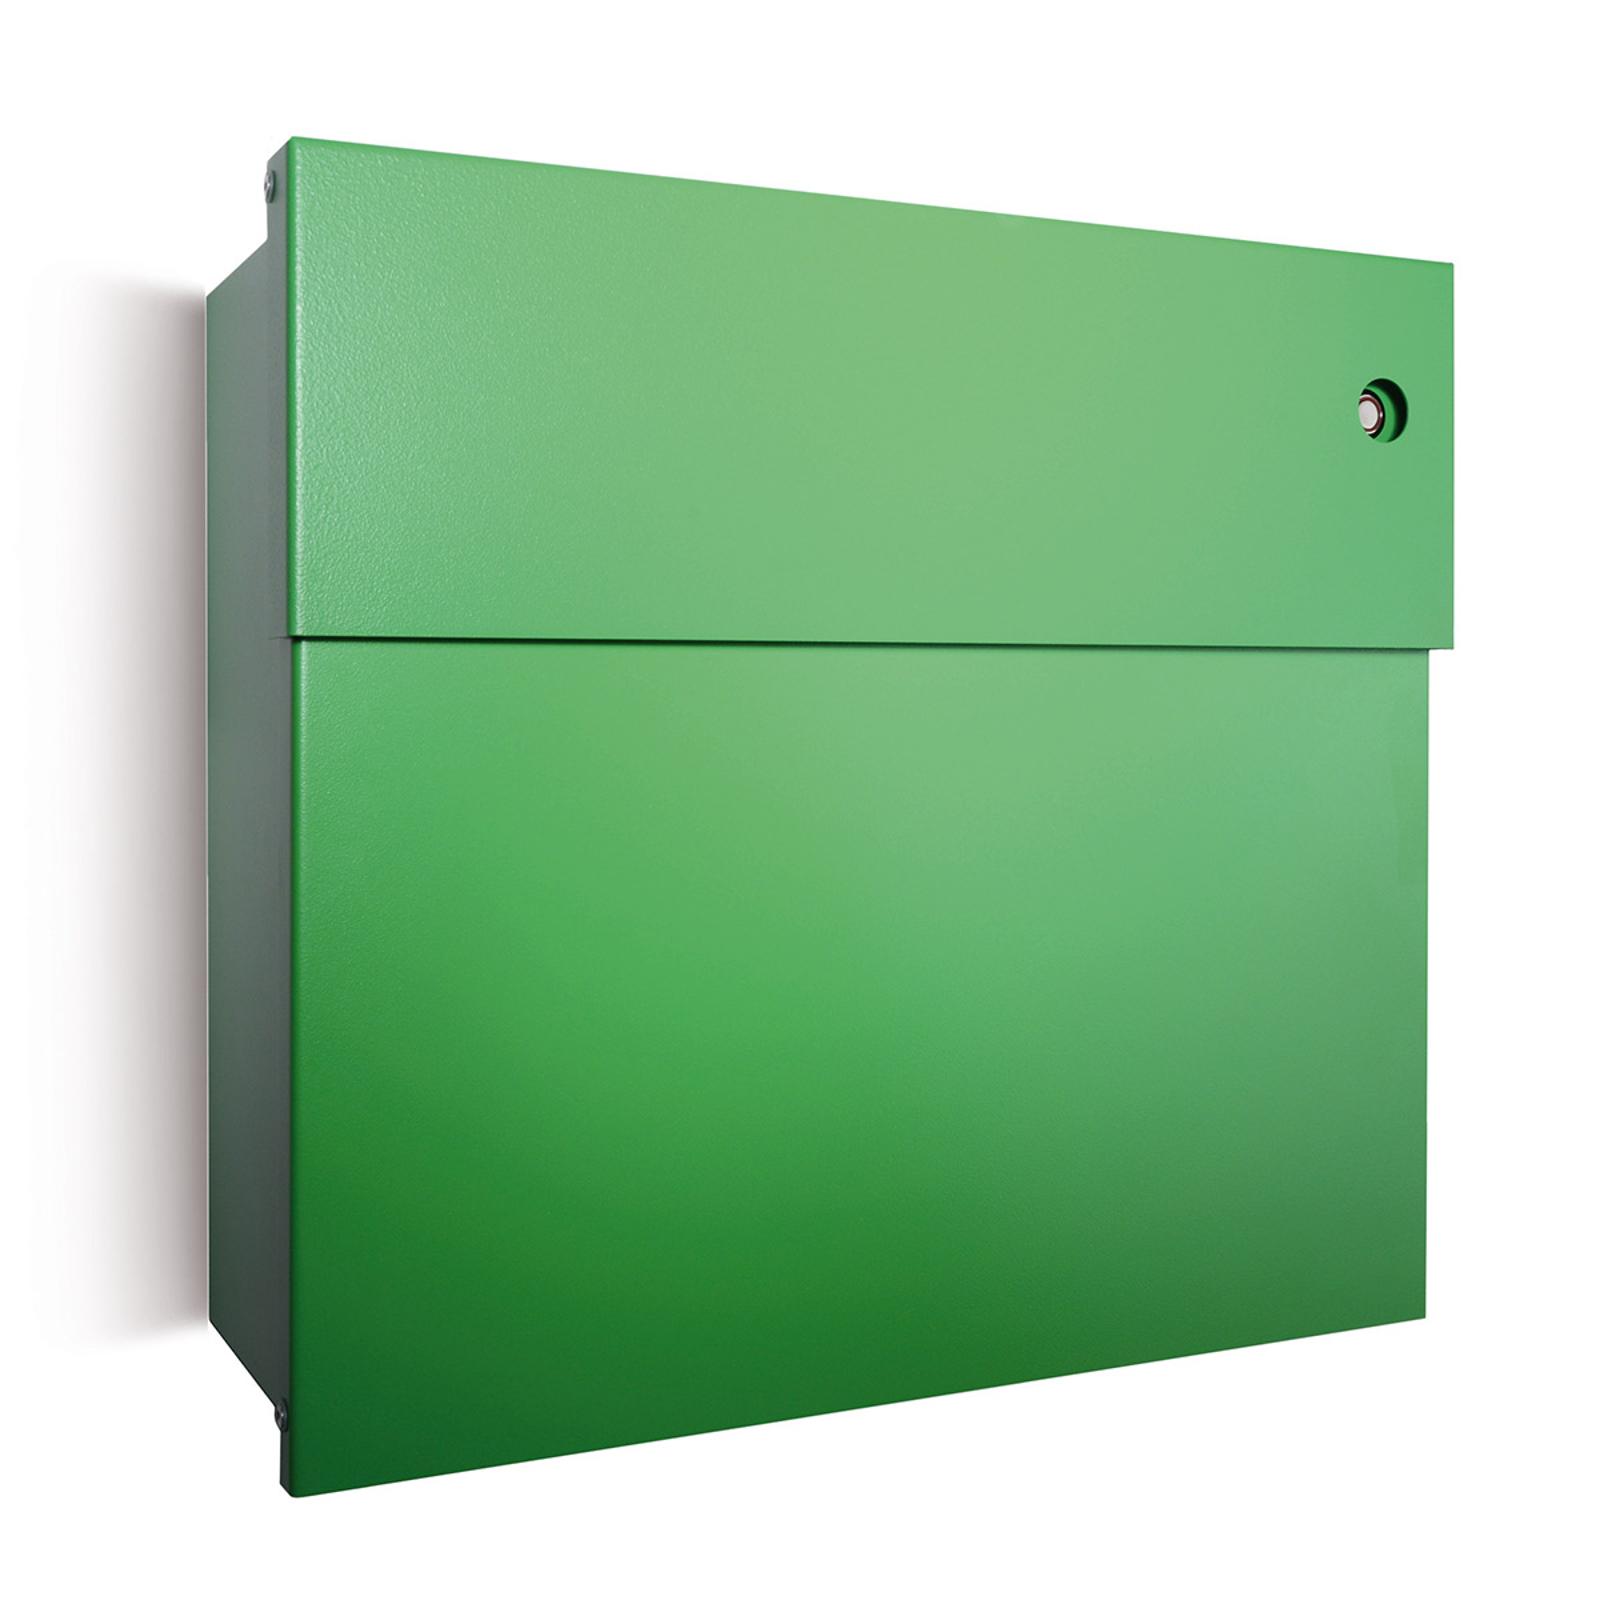 Boîte lettres Letterman IV, sonnette rouge, verte